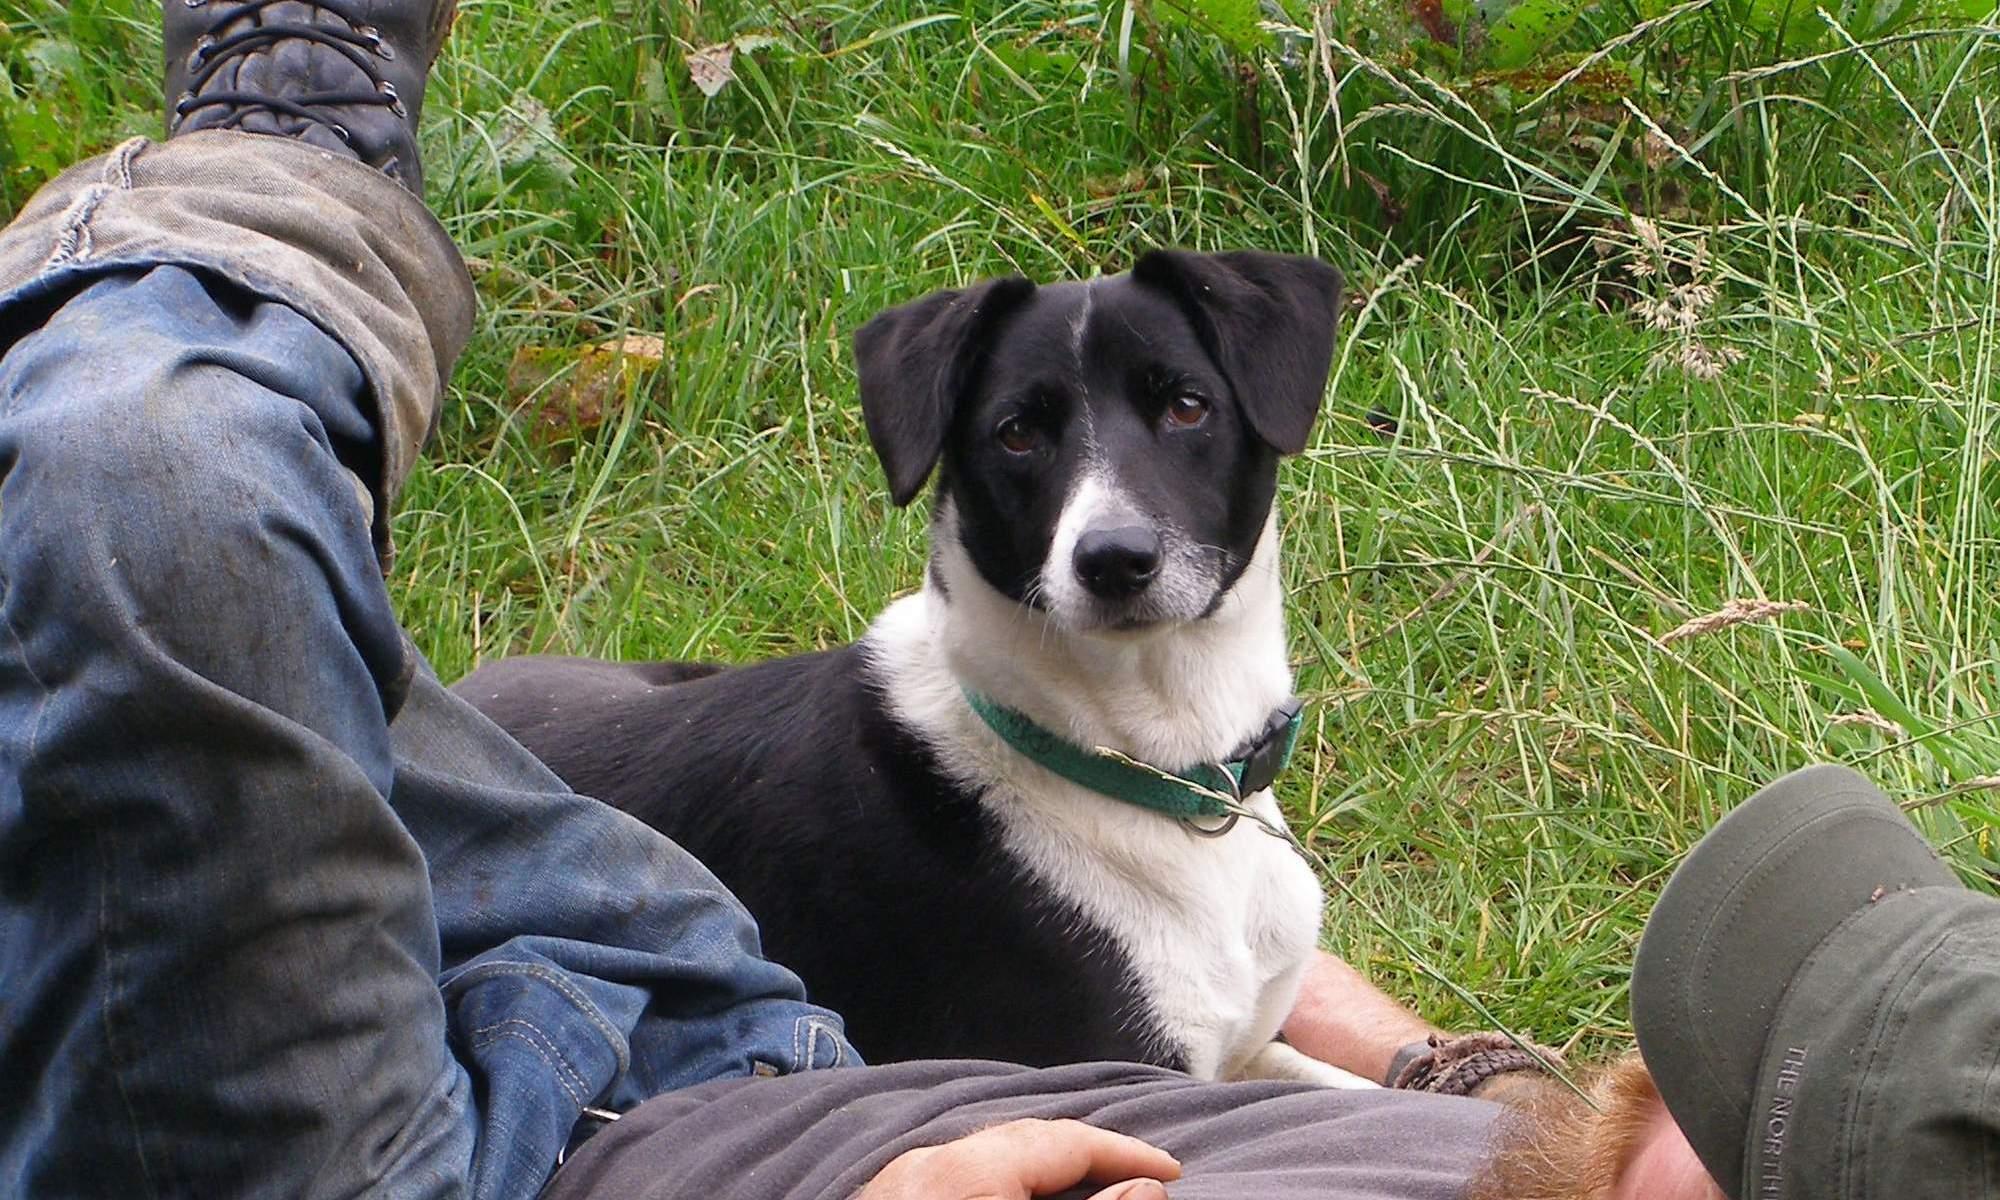 Muttley, from Wheatland Farm's dog friendly holiday lodges in Devon